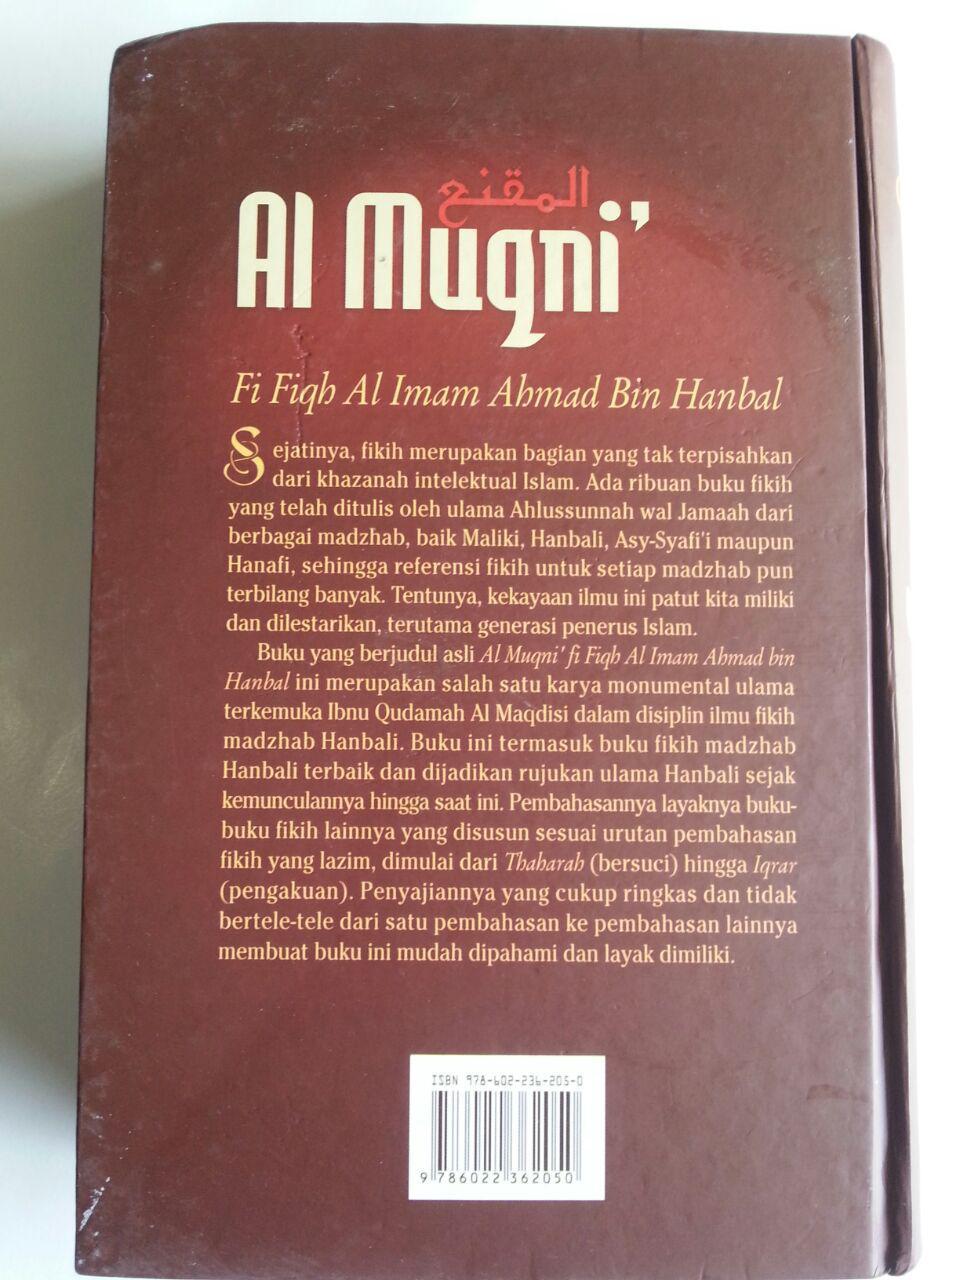 Buku Al-Muqni' Ibnu Qudamah Jilid 1 cover